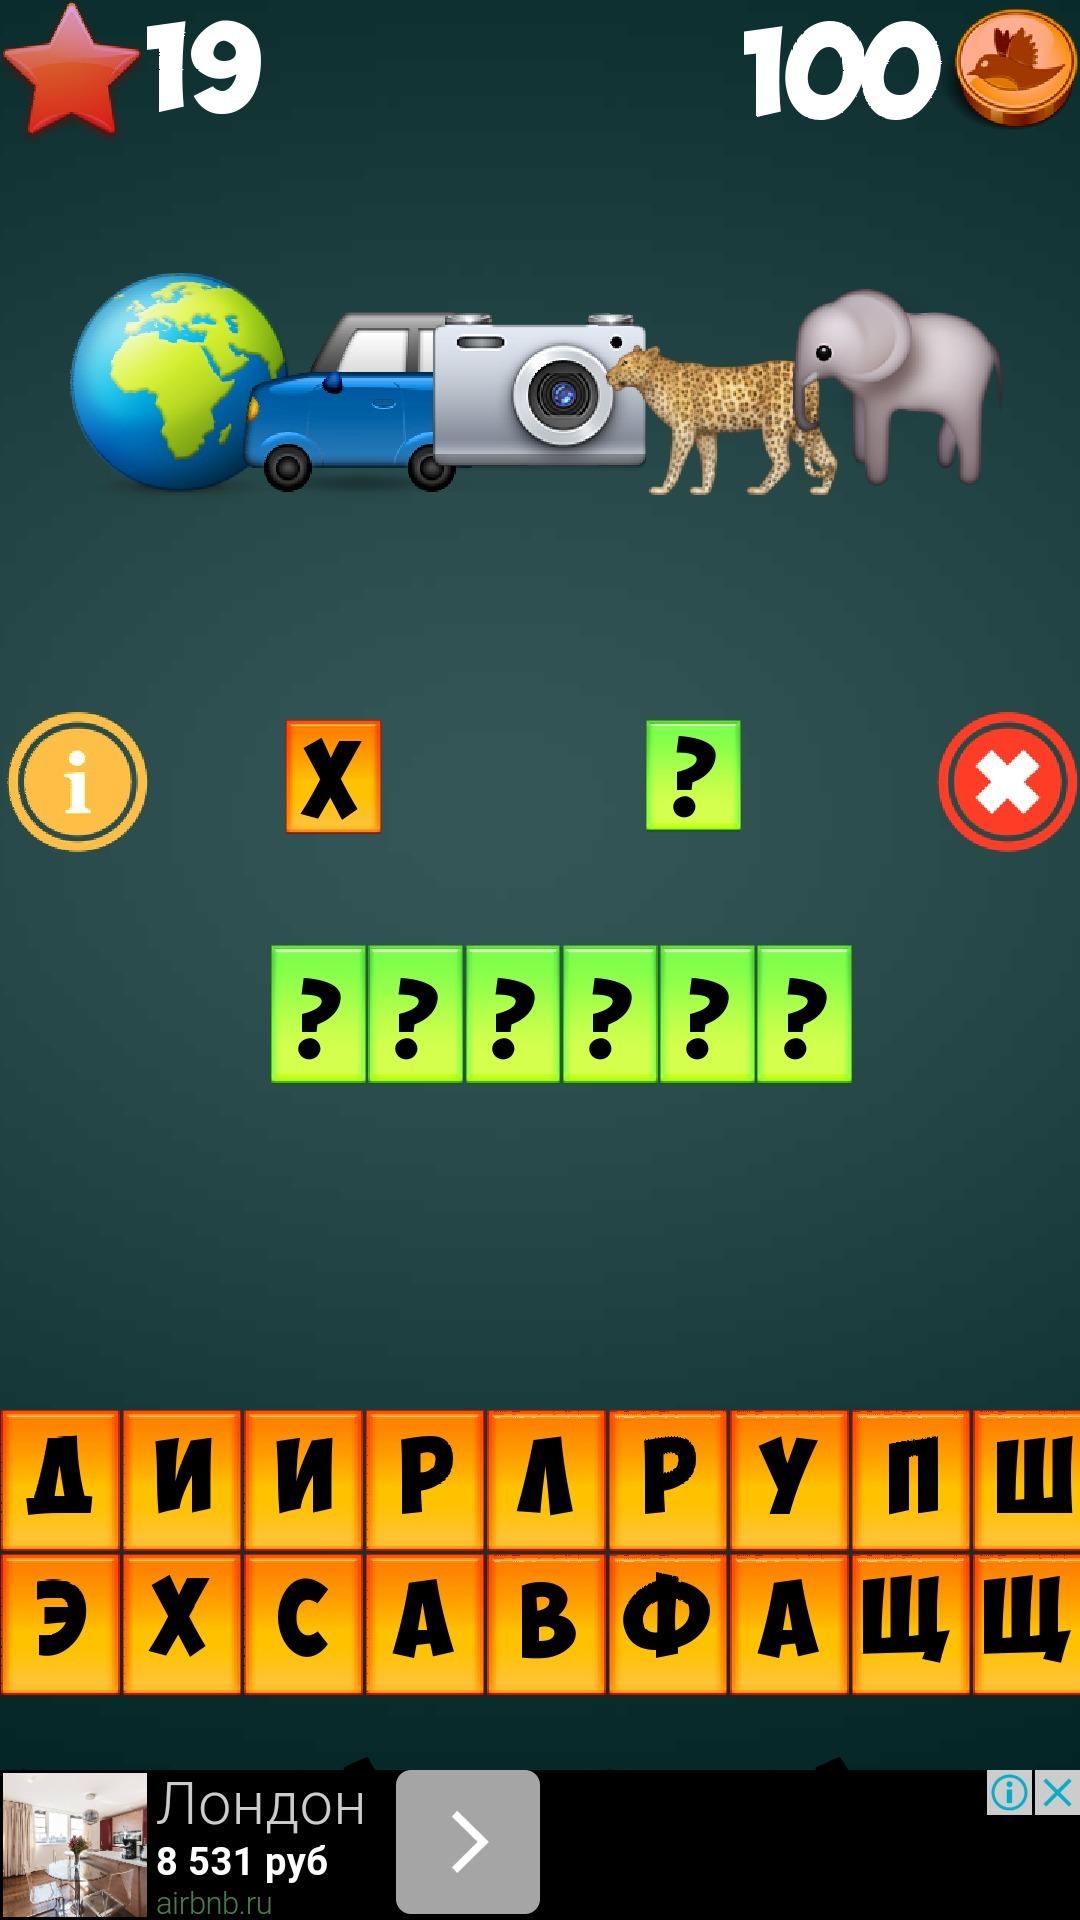 Что это за слово?